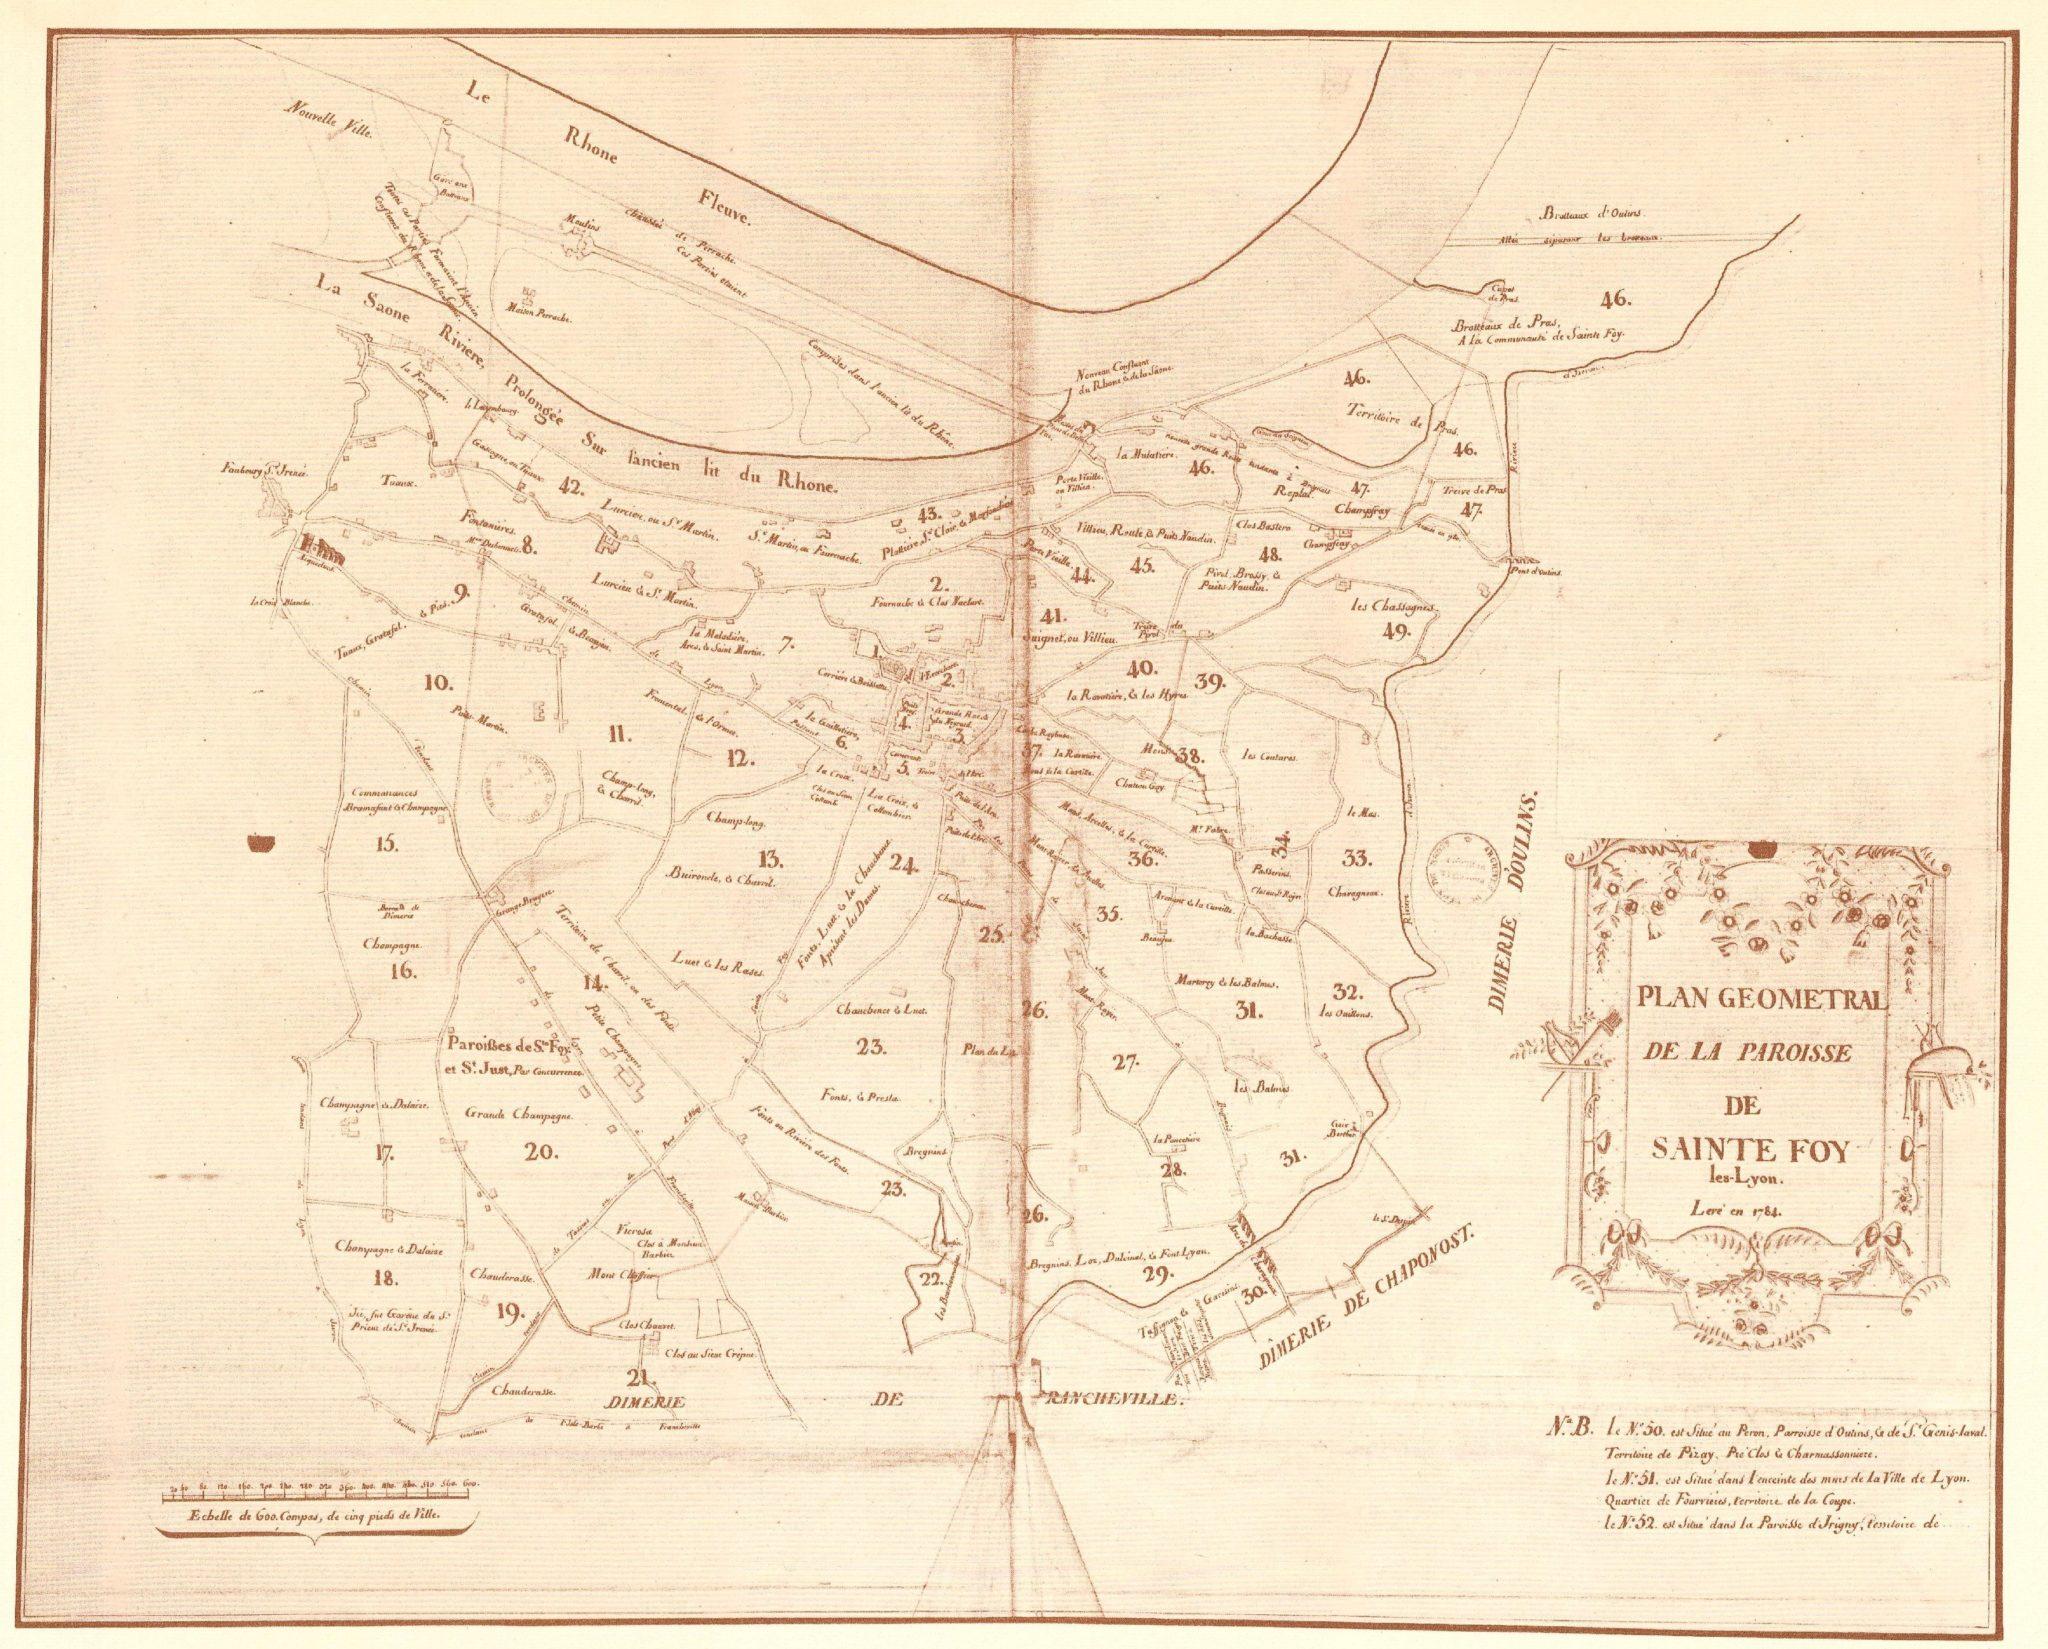 Plan géométral de la paroisse de SAINTE FOY-lès-Lyon en 1784